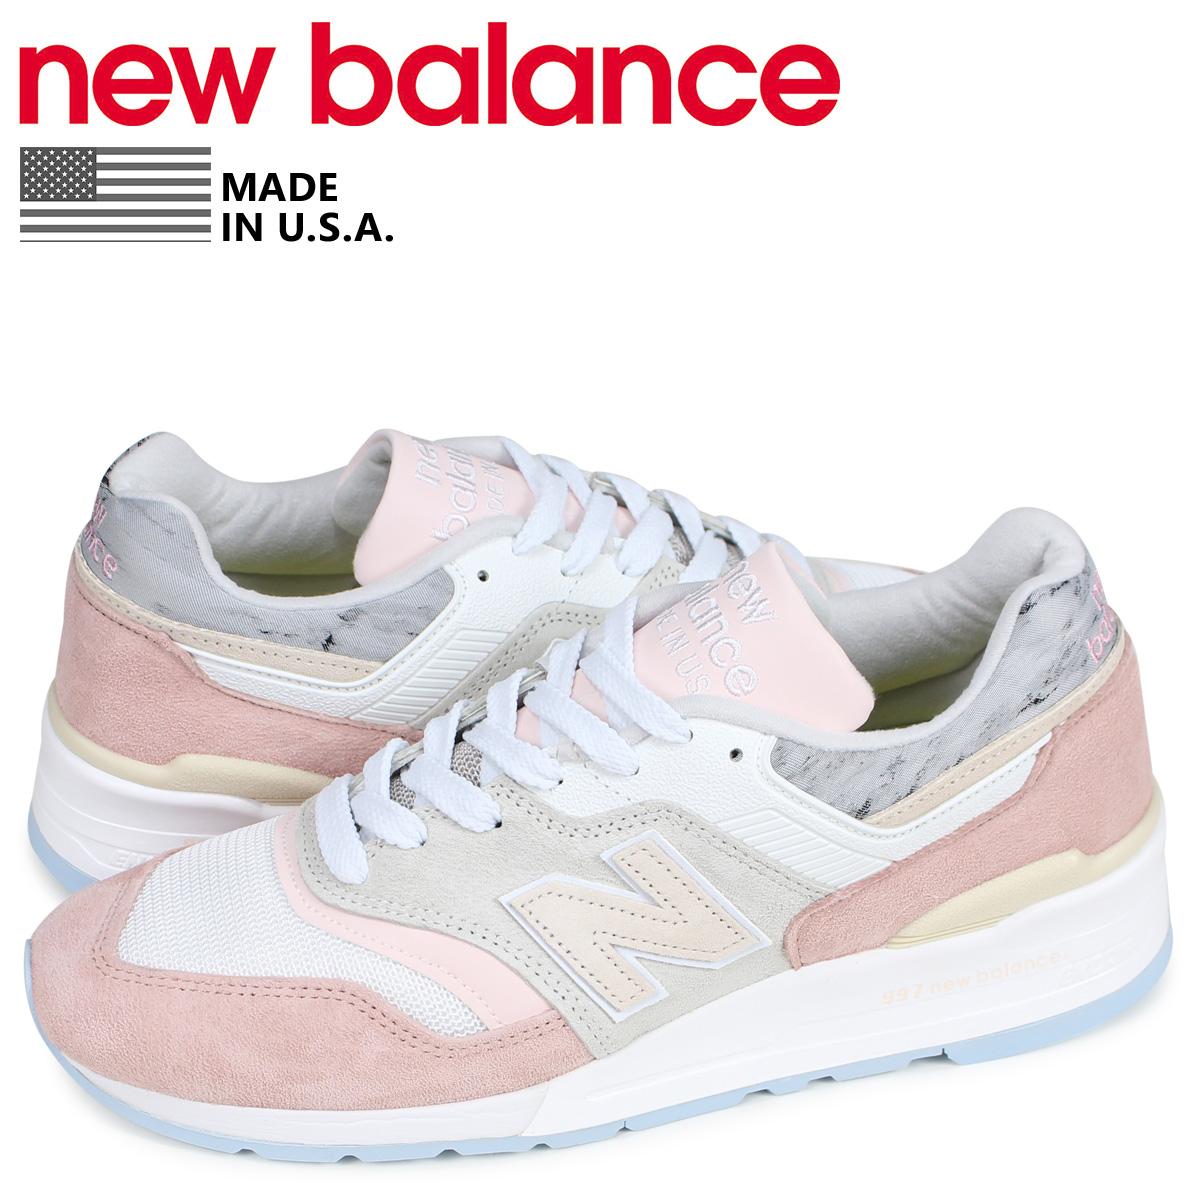 ニューバランス new balance 997 スニーカー メンズ Dワイズ MADE IN USA ピンク M997LBH